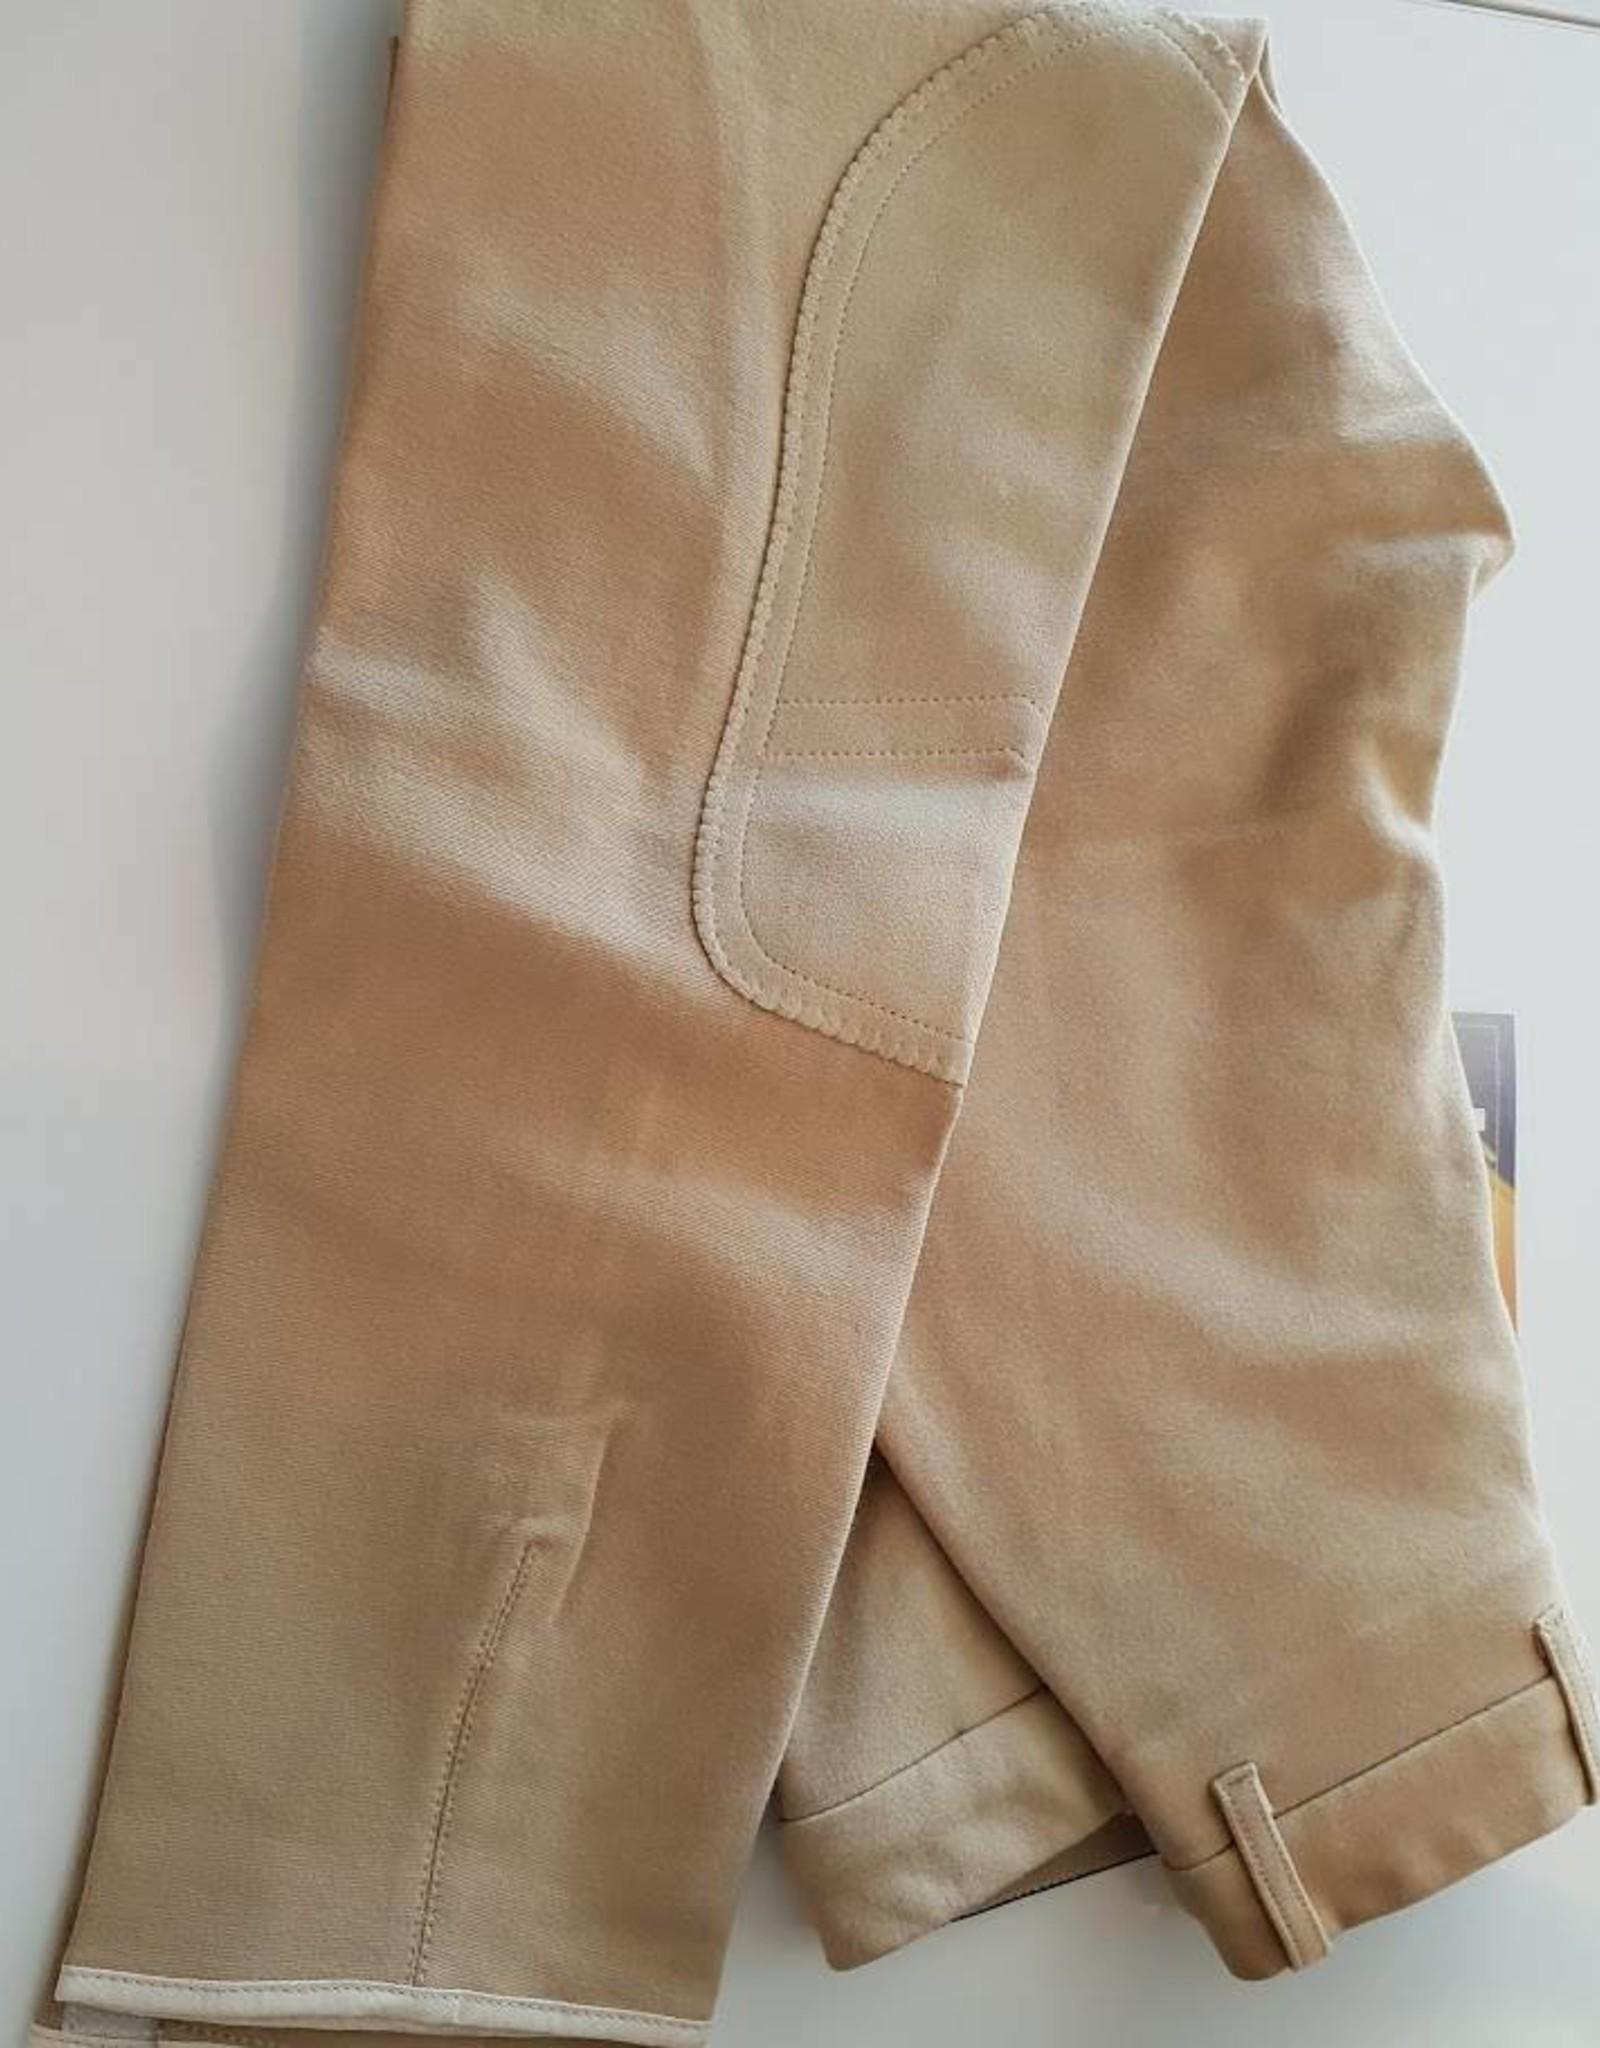 Vequi Comfort Breech - Beige - Size L (EU 40)